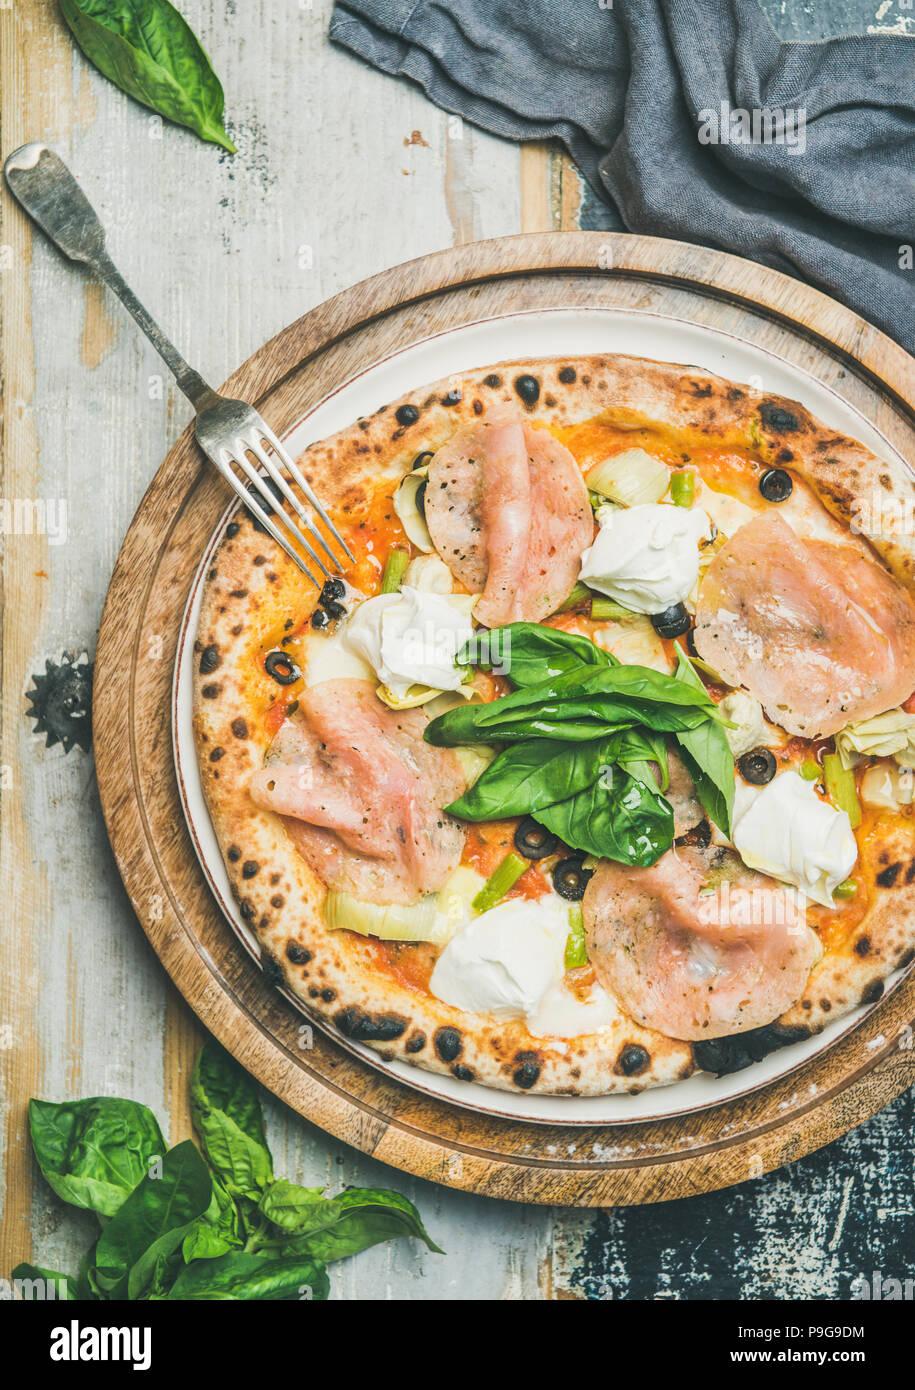 Vous pourrez déguster des pizzas fraîchement préparées avec du jambon, artichauts, fromage et basilic Photo Stock